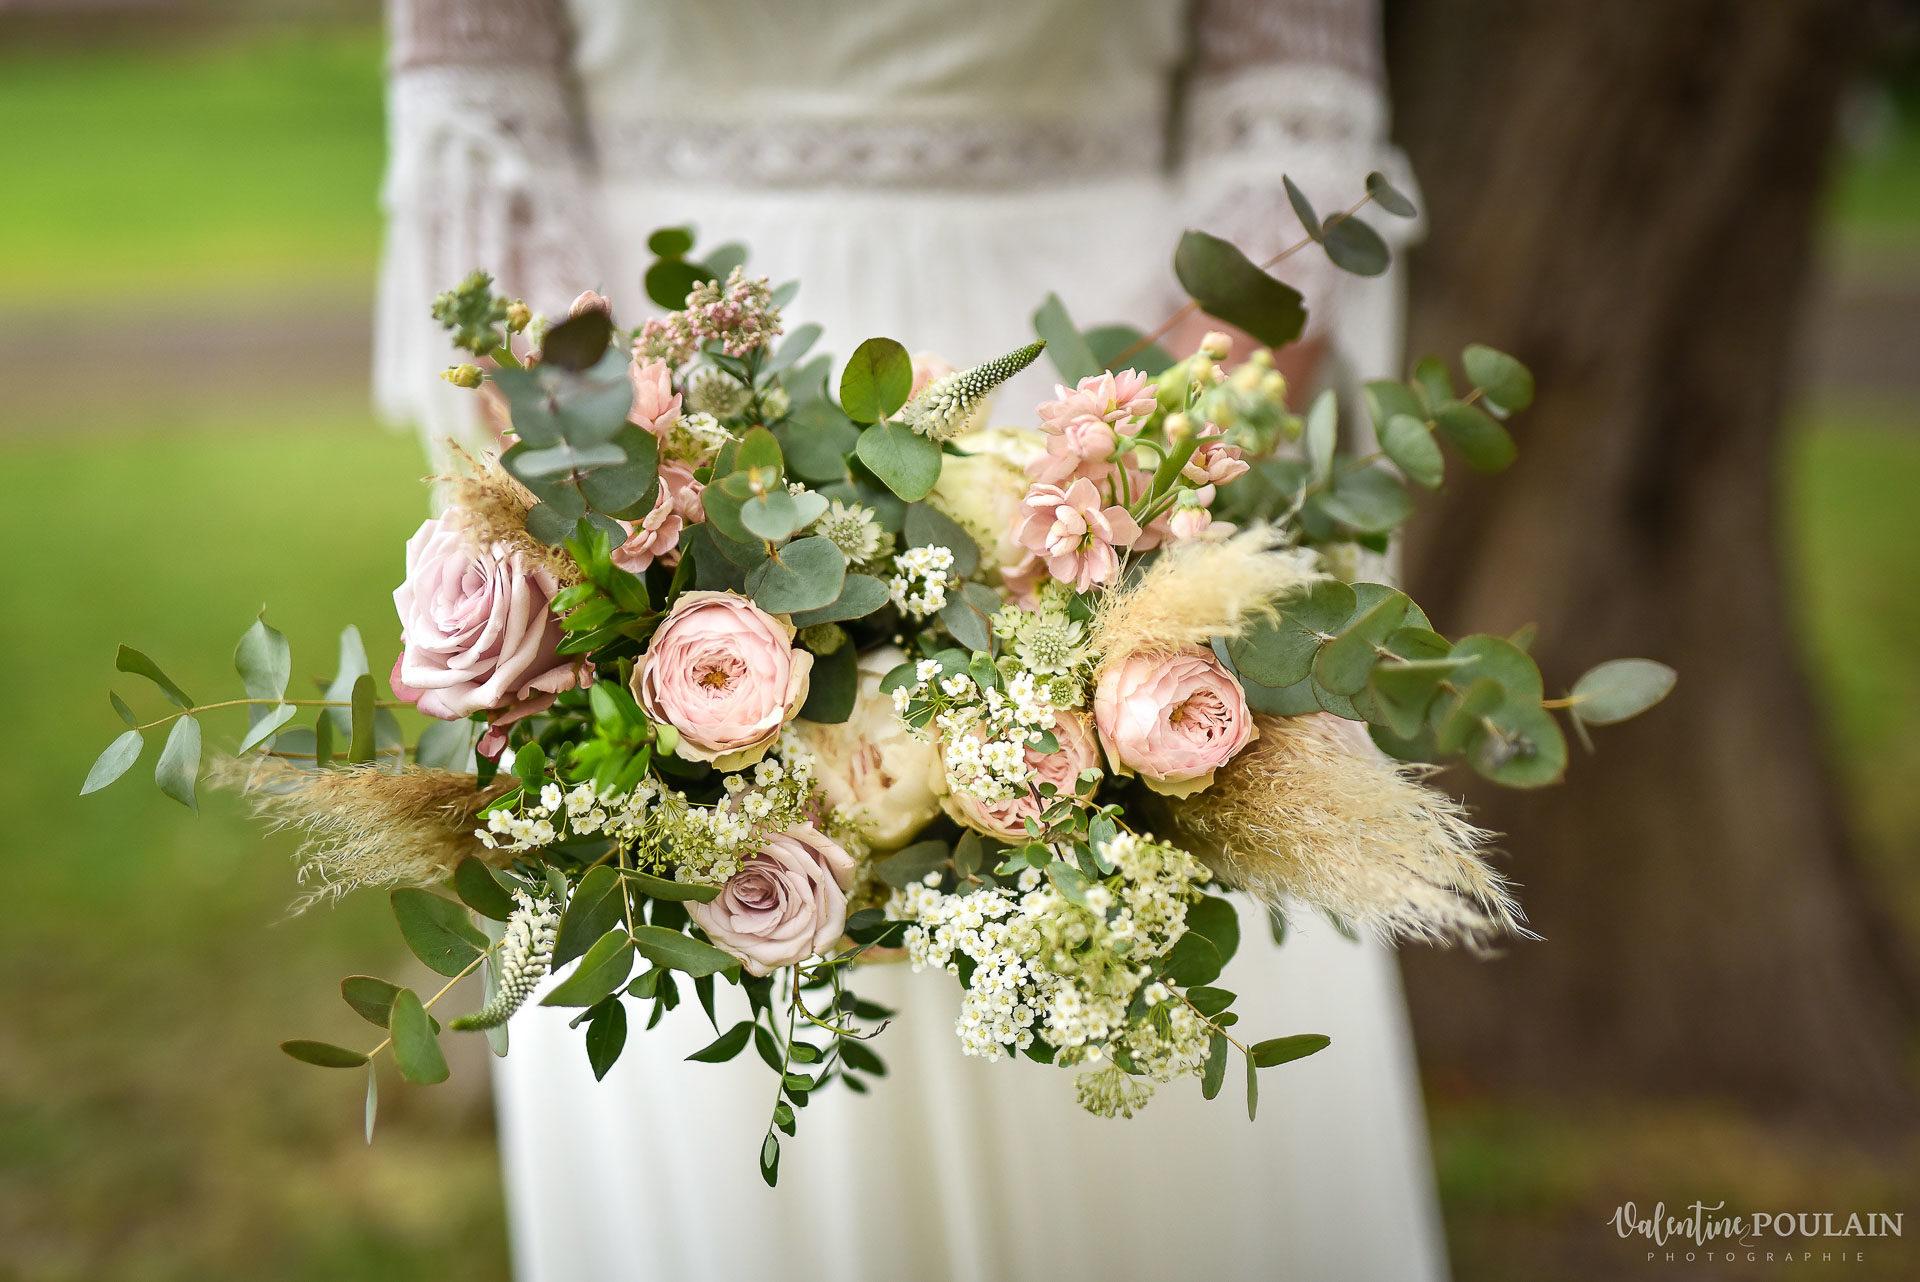 Mariage cité du train fleur - Valentine Poulain